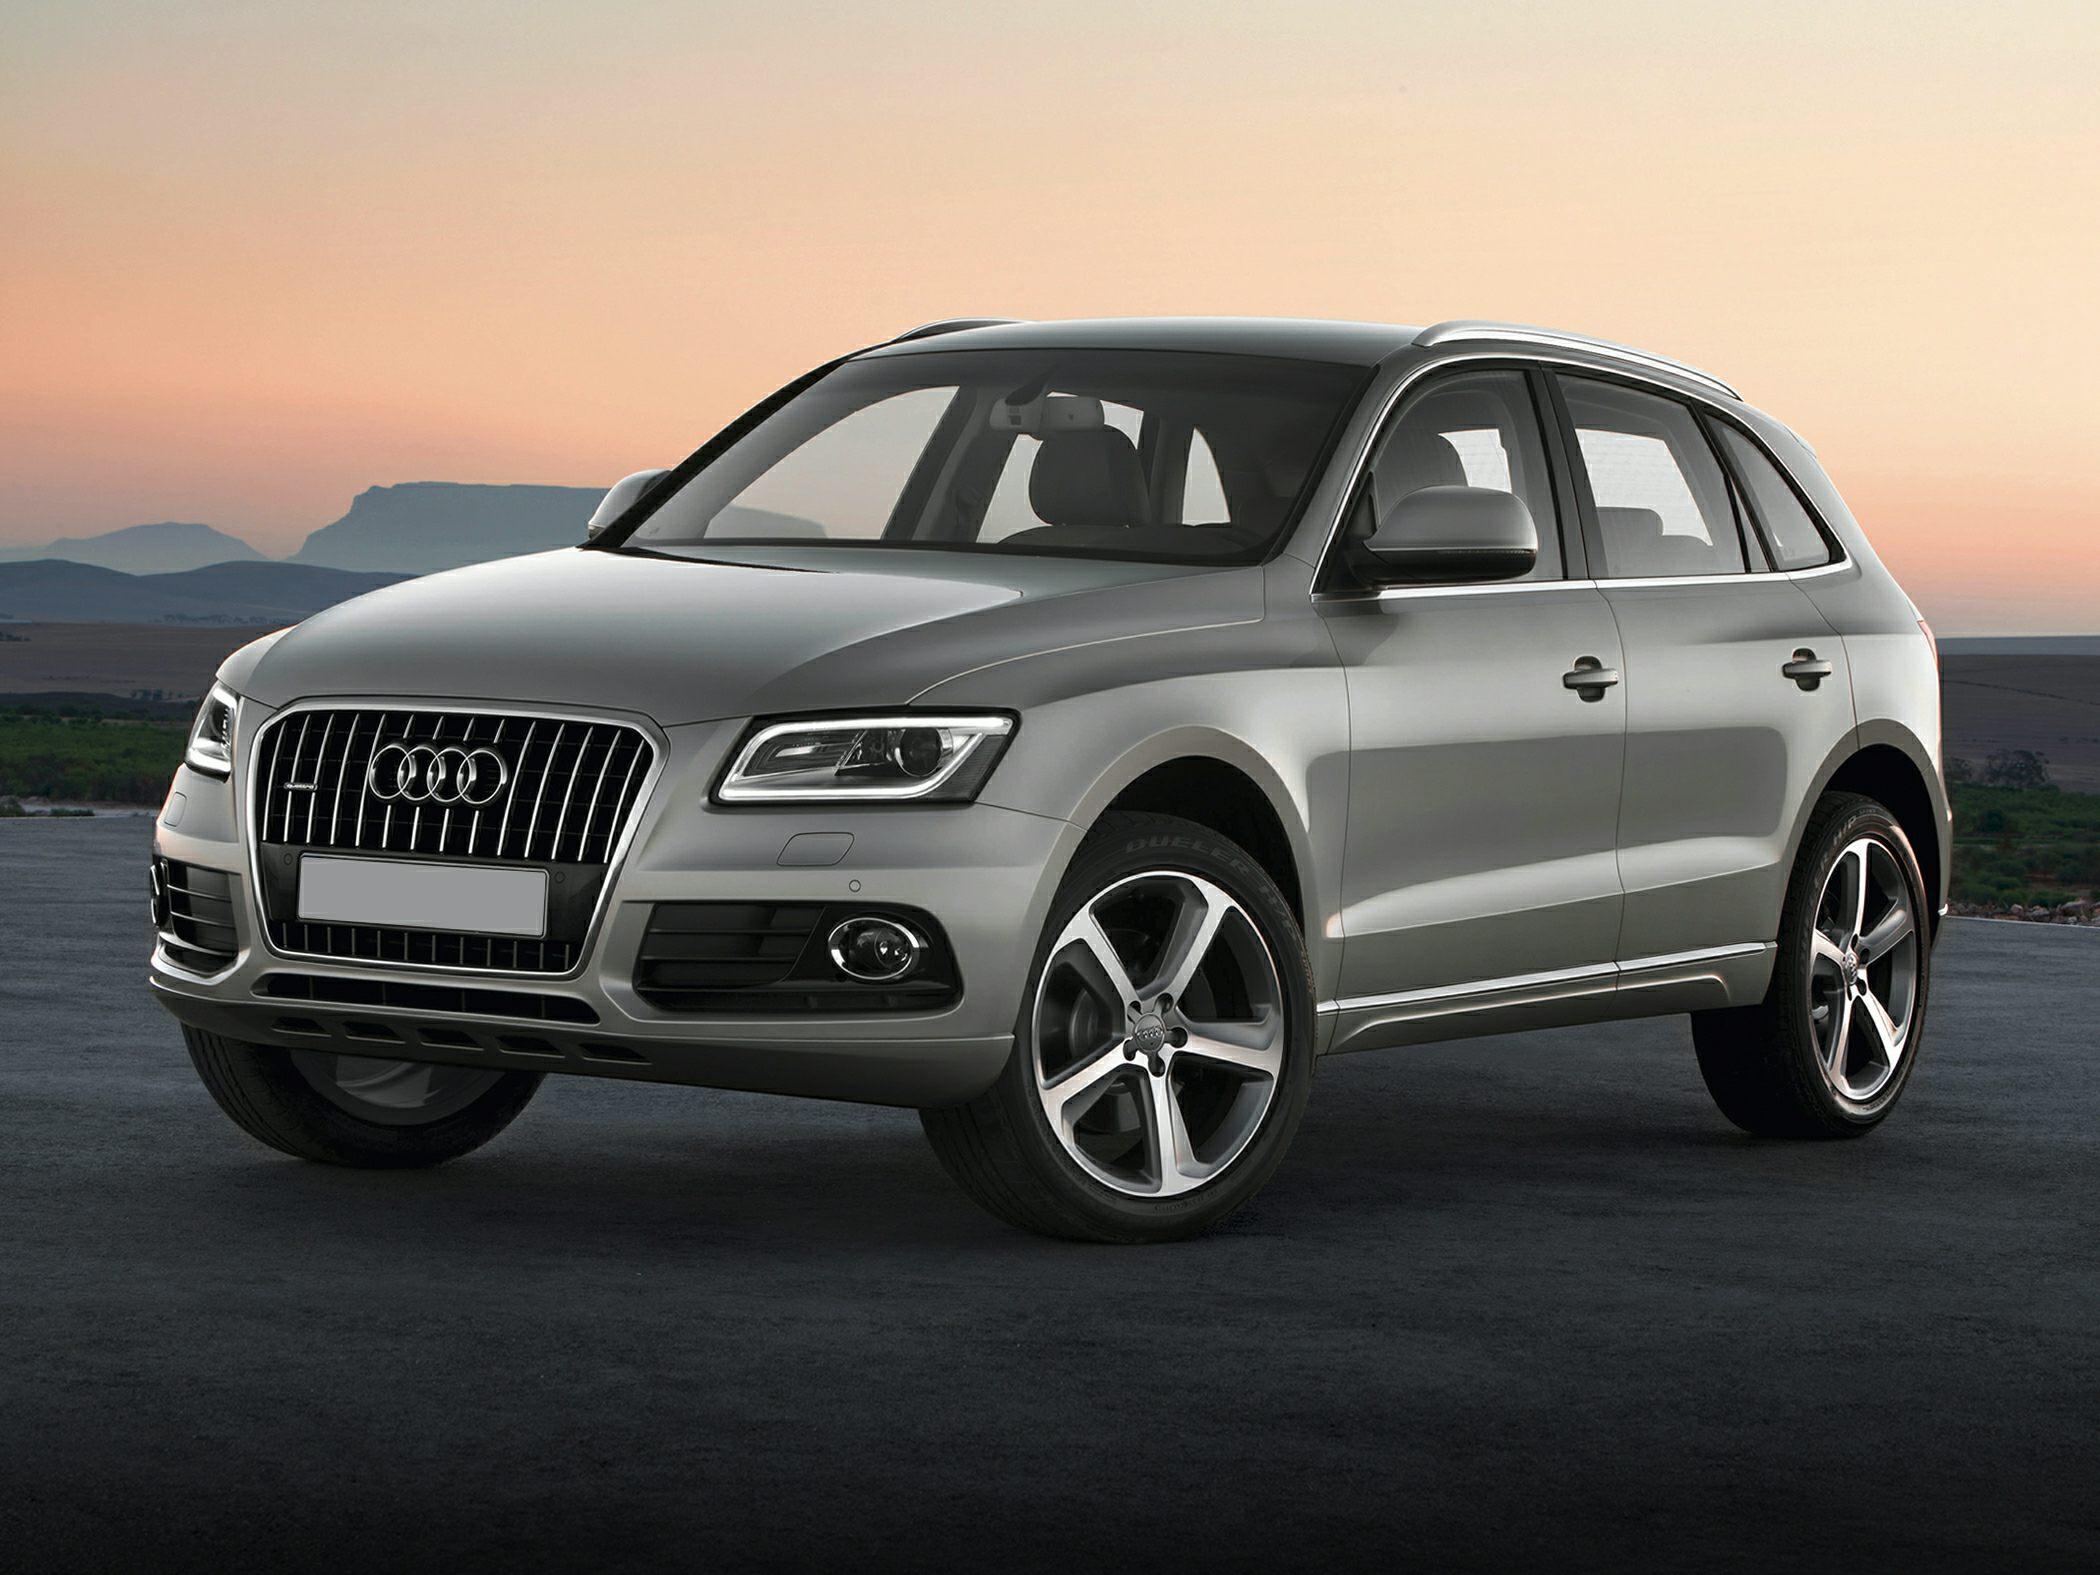 2015 Audi Q5 Glam